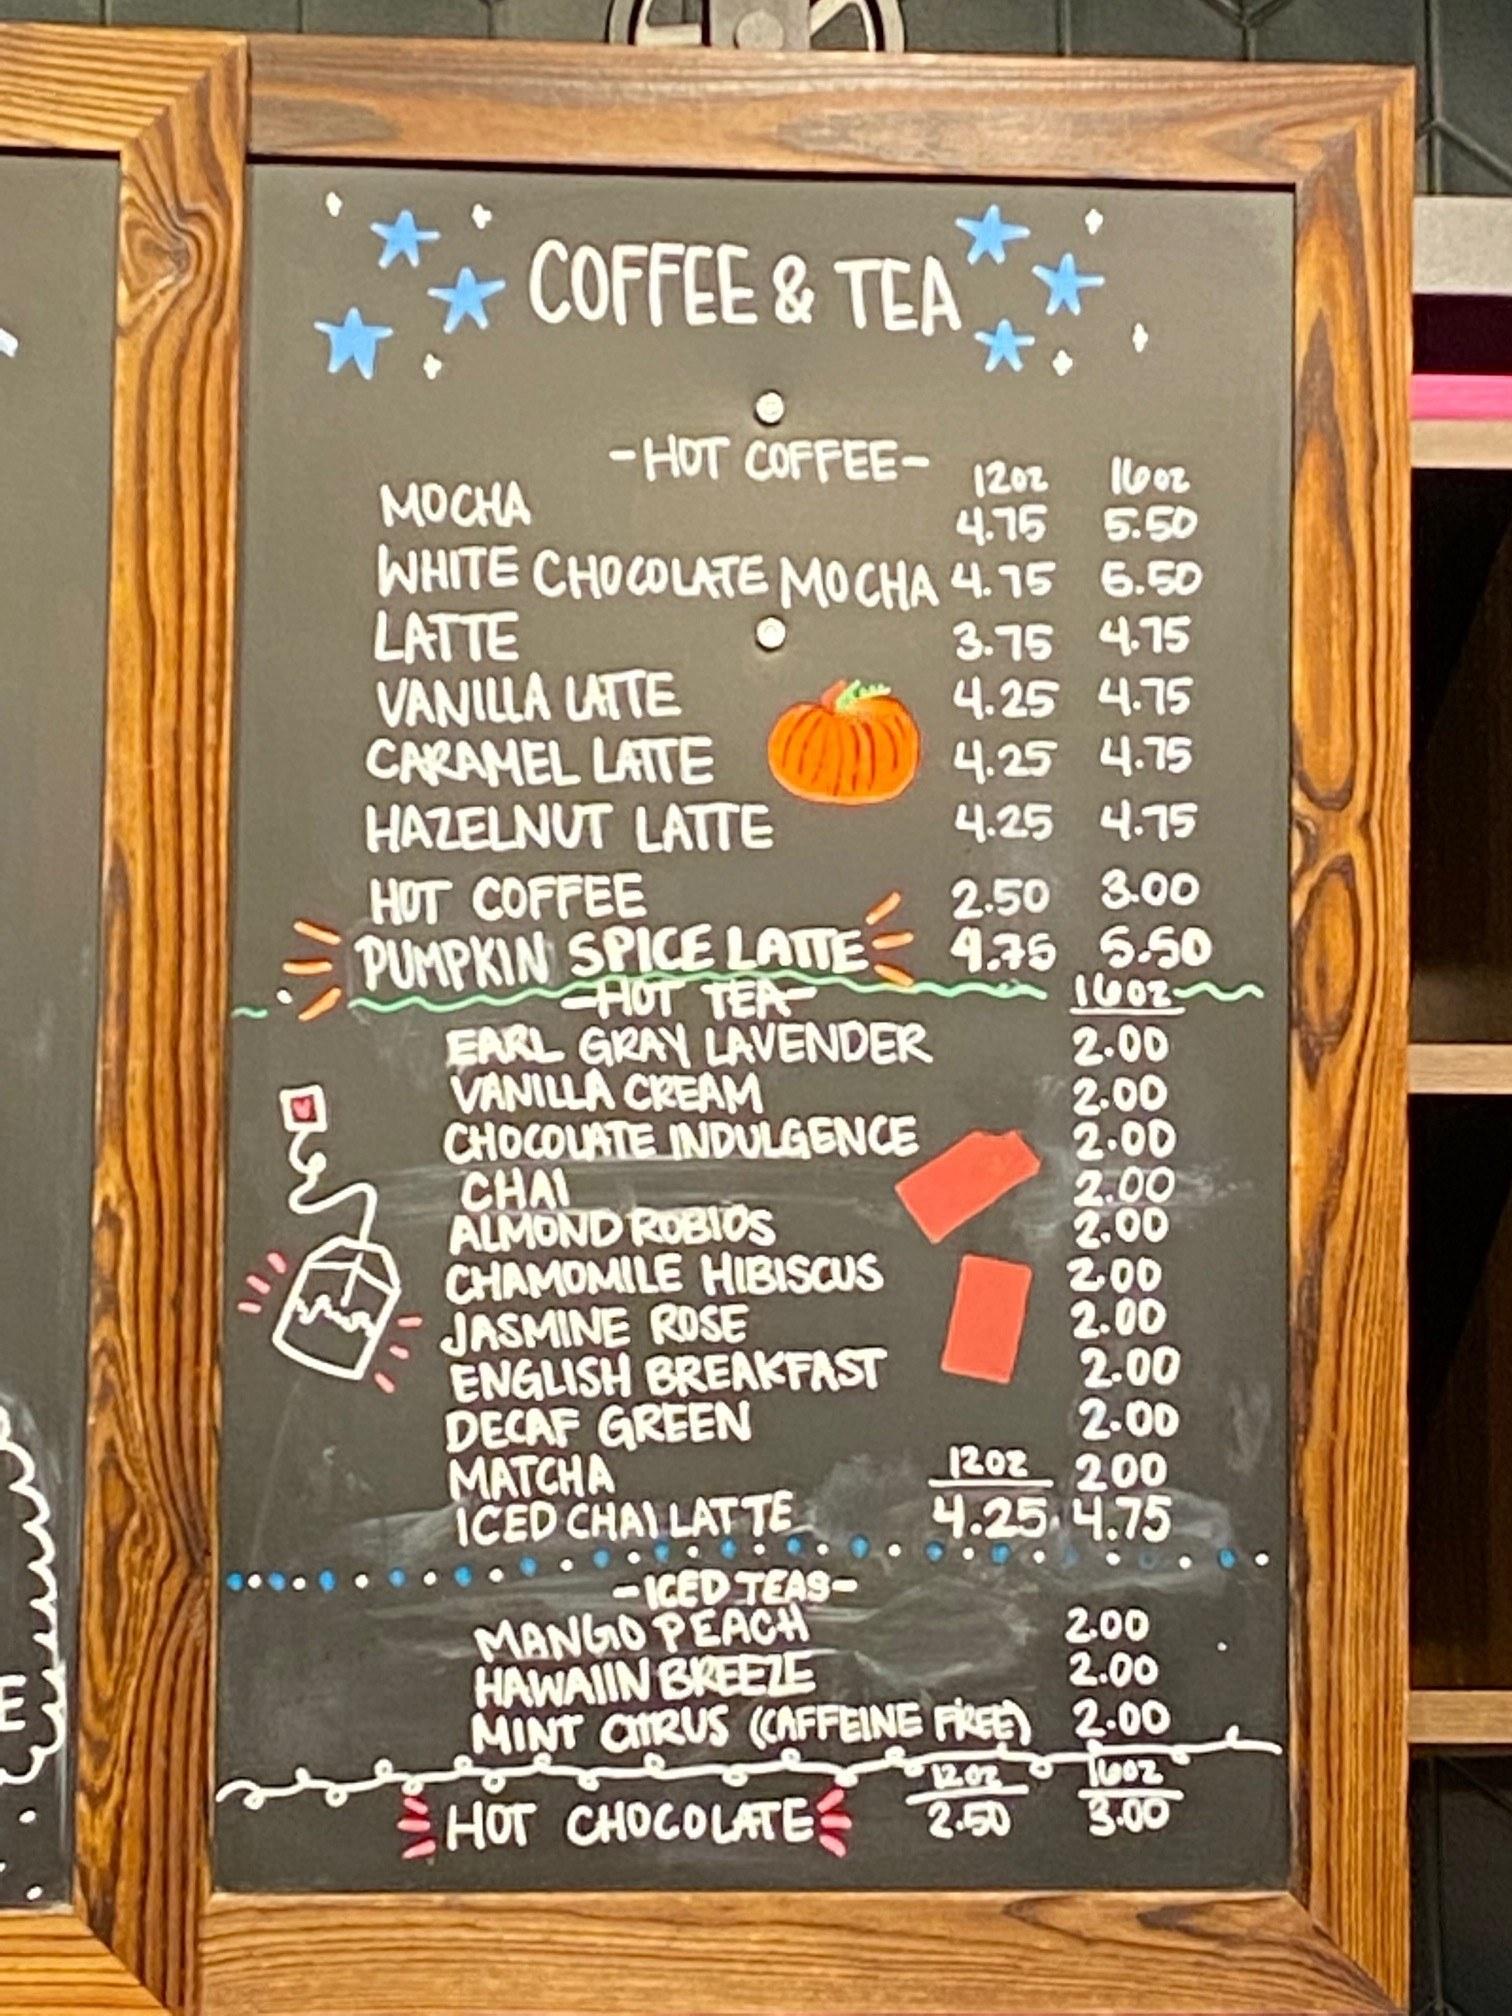 Coffee and Tea 10 21 21